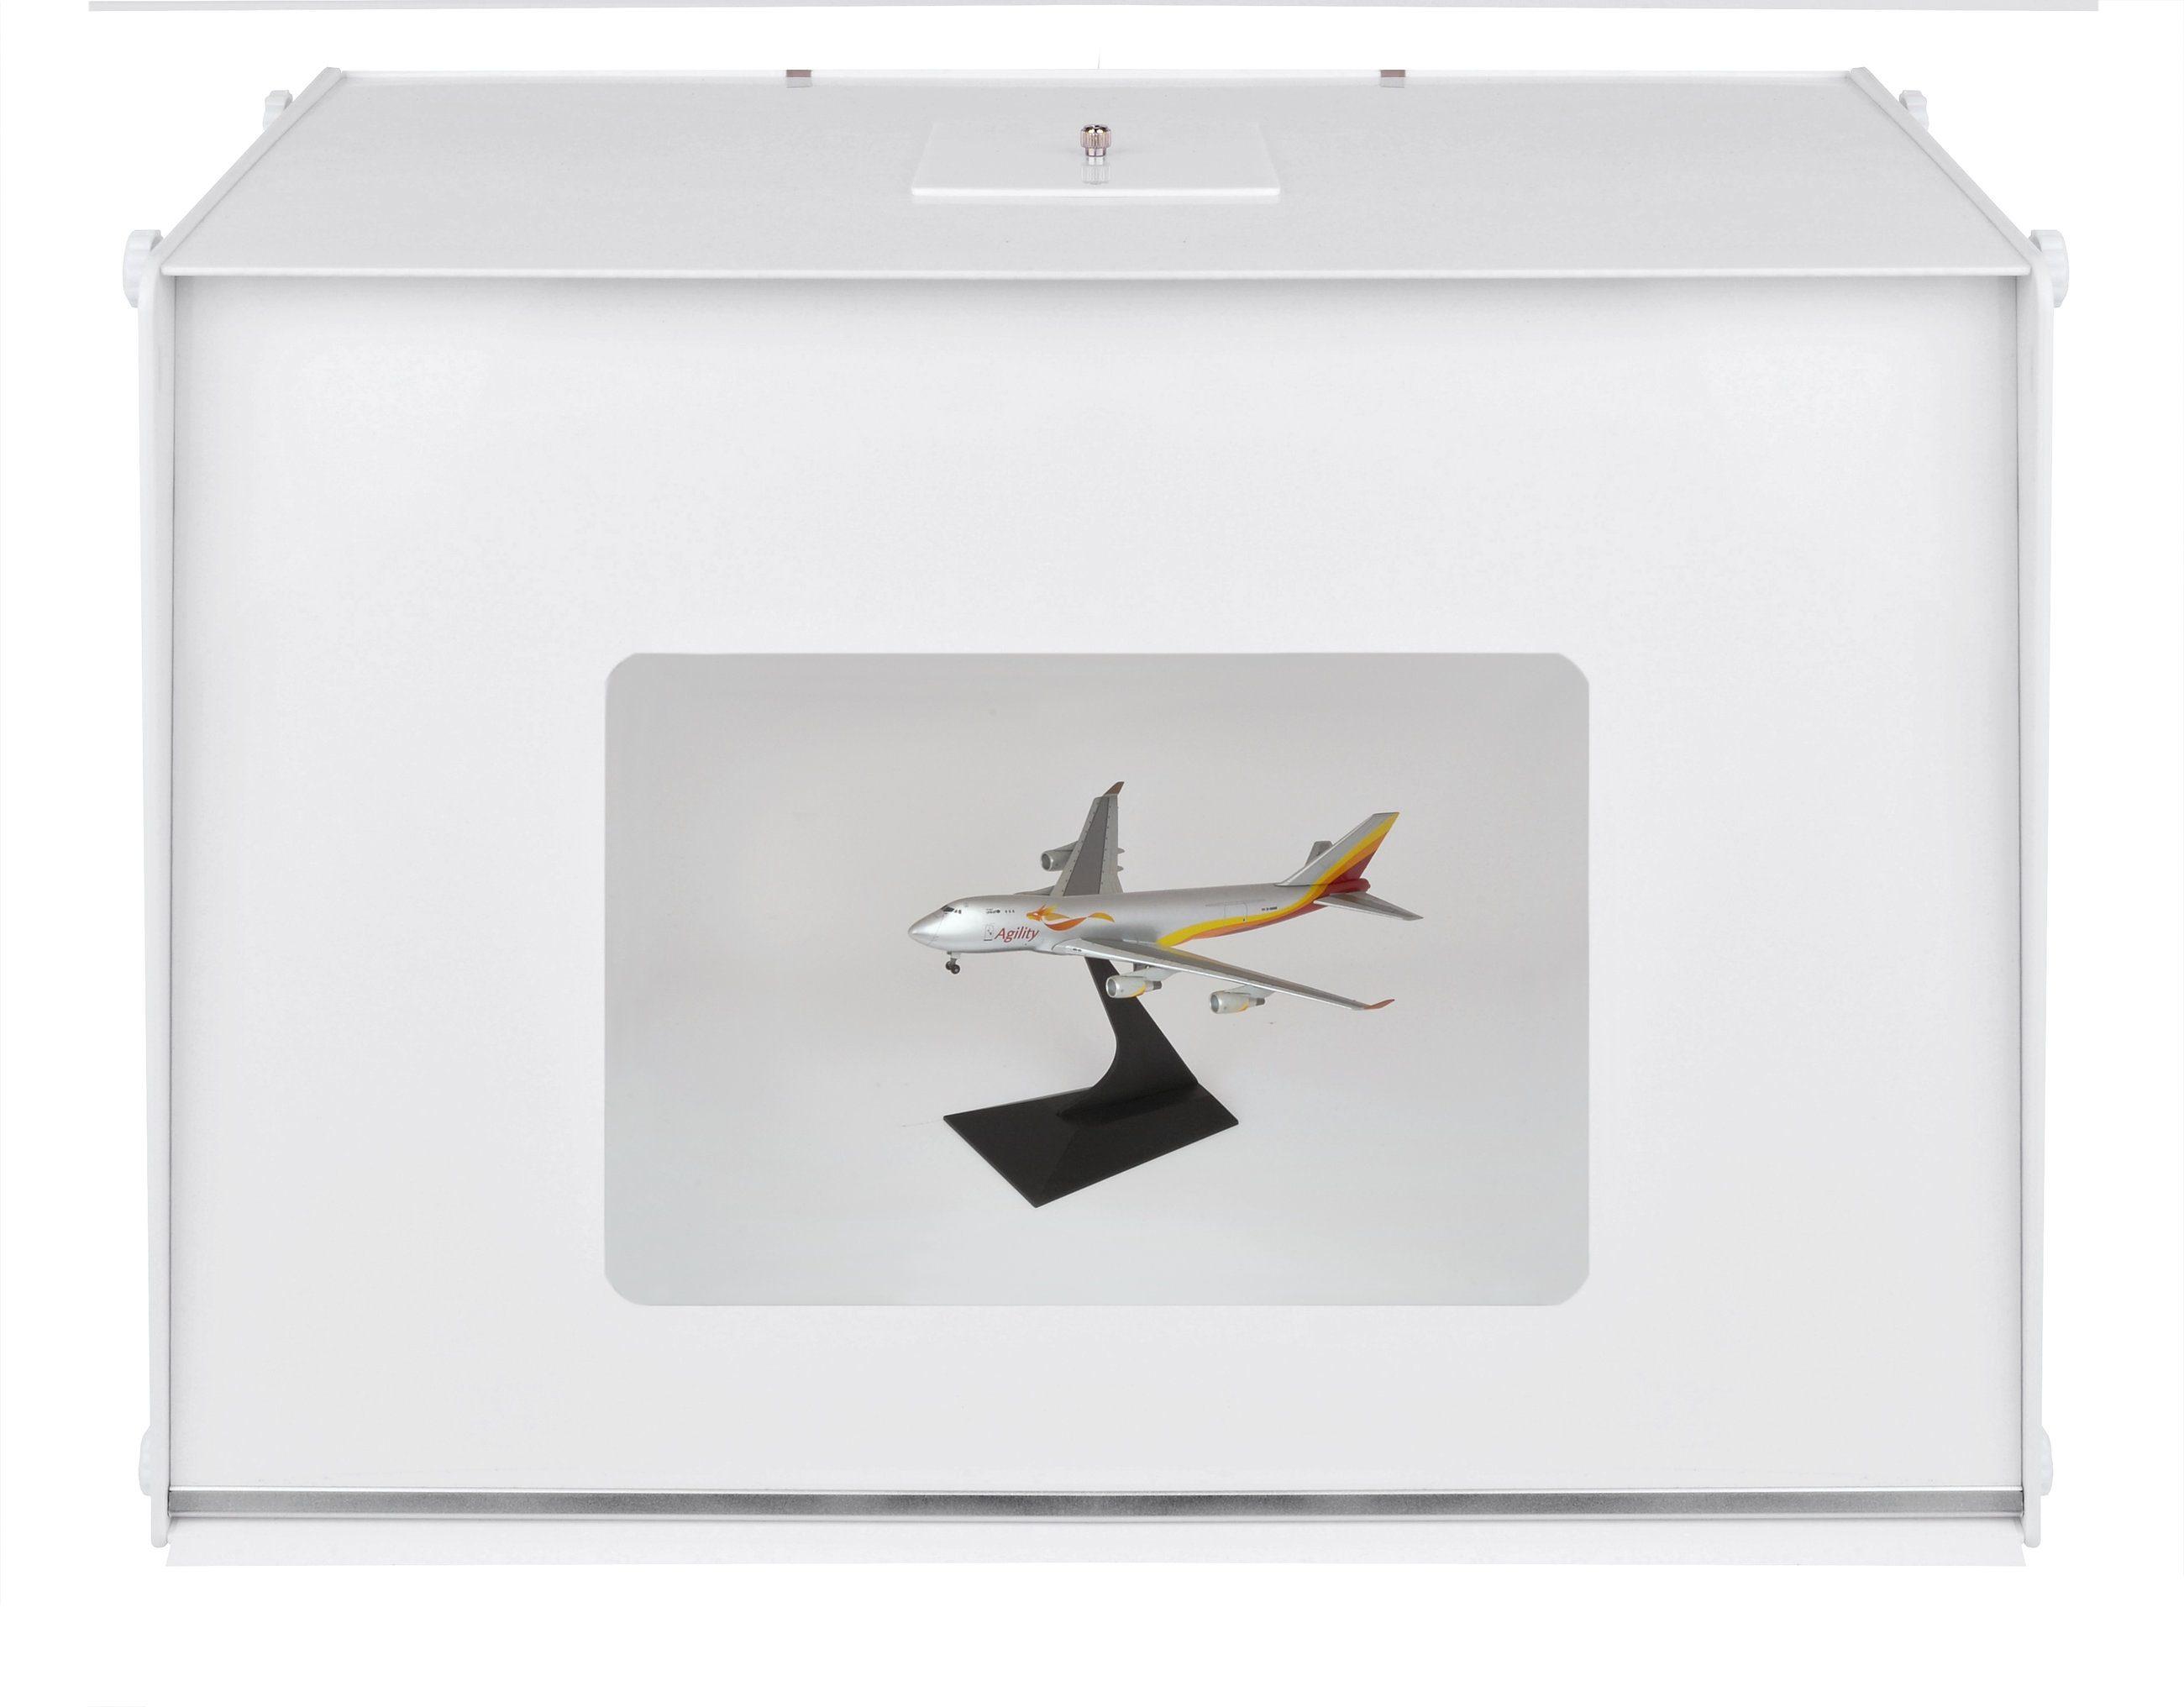 BRESSER Fotostudio »BRESSER BR-PH40 Lichtbox + Licht 40x30x29cm«